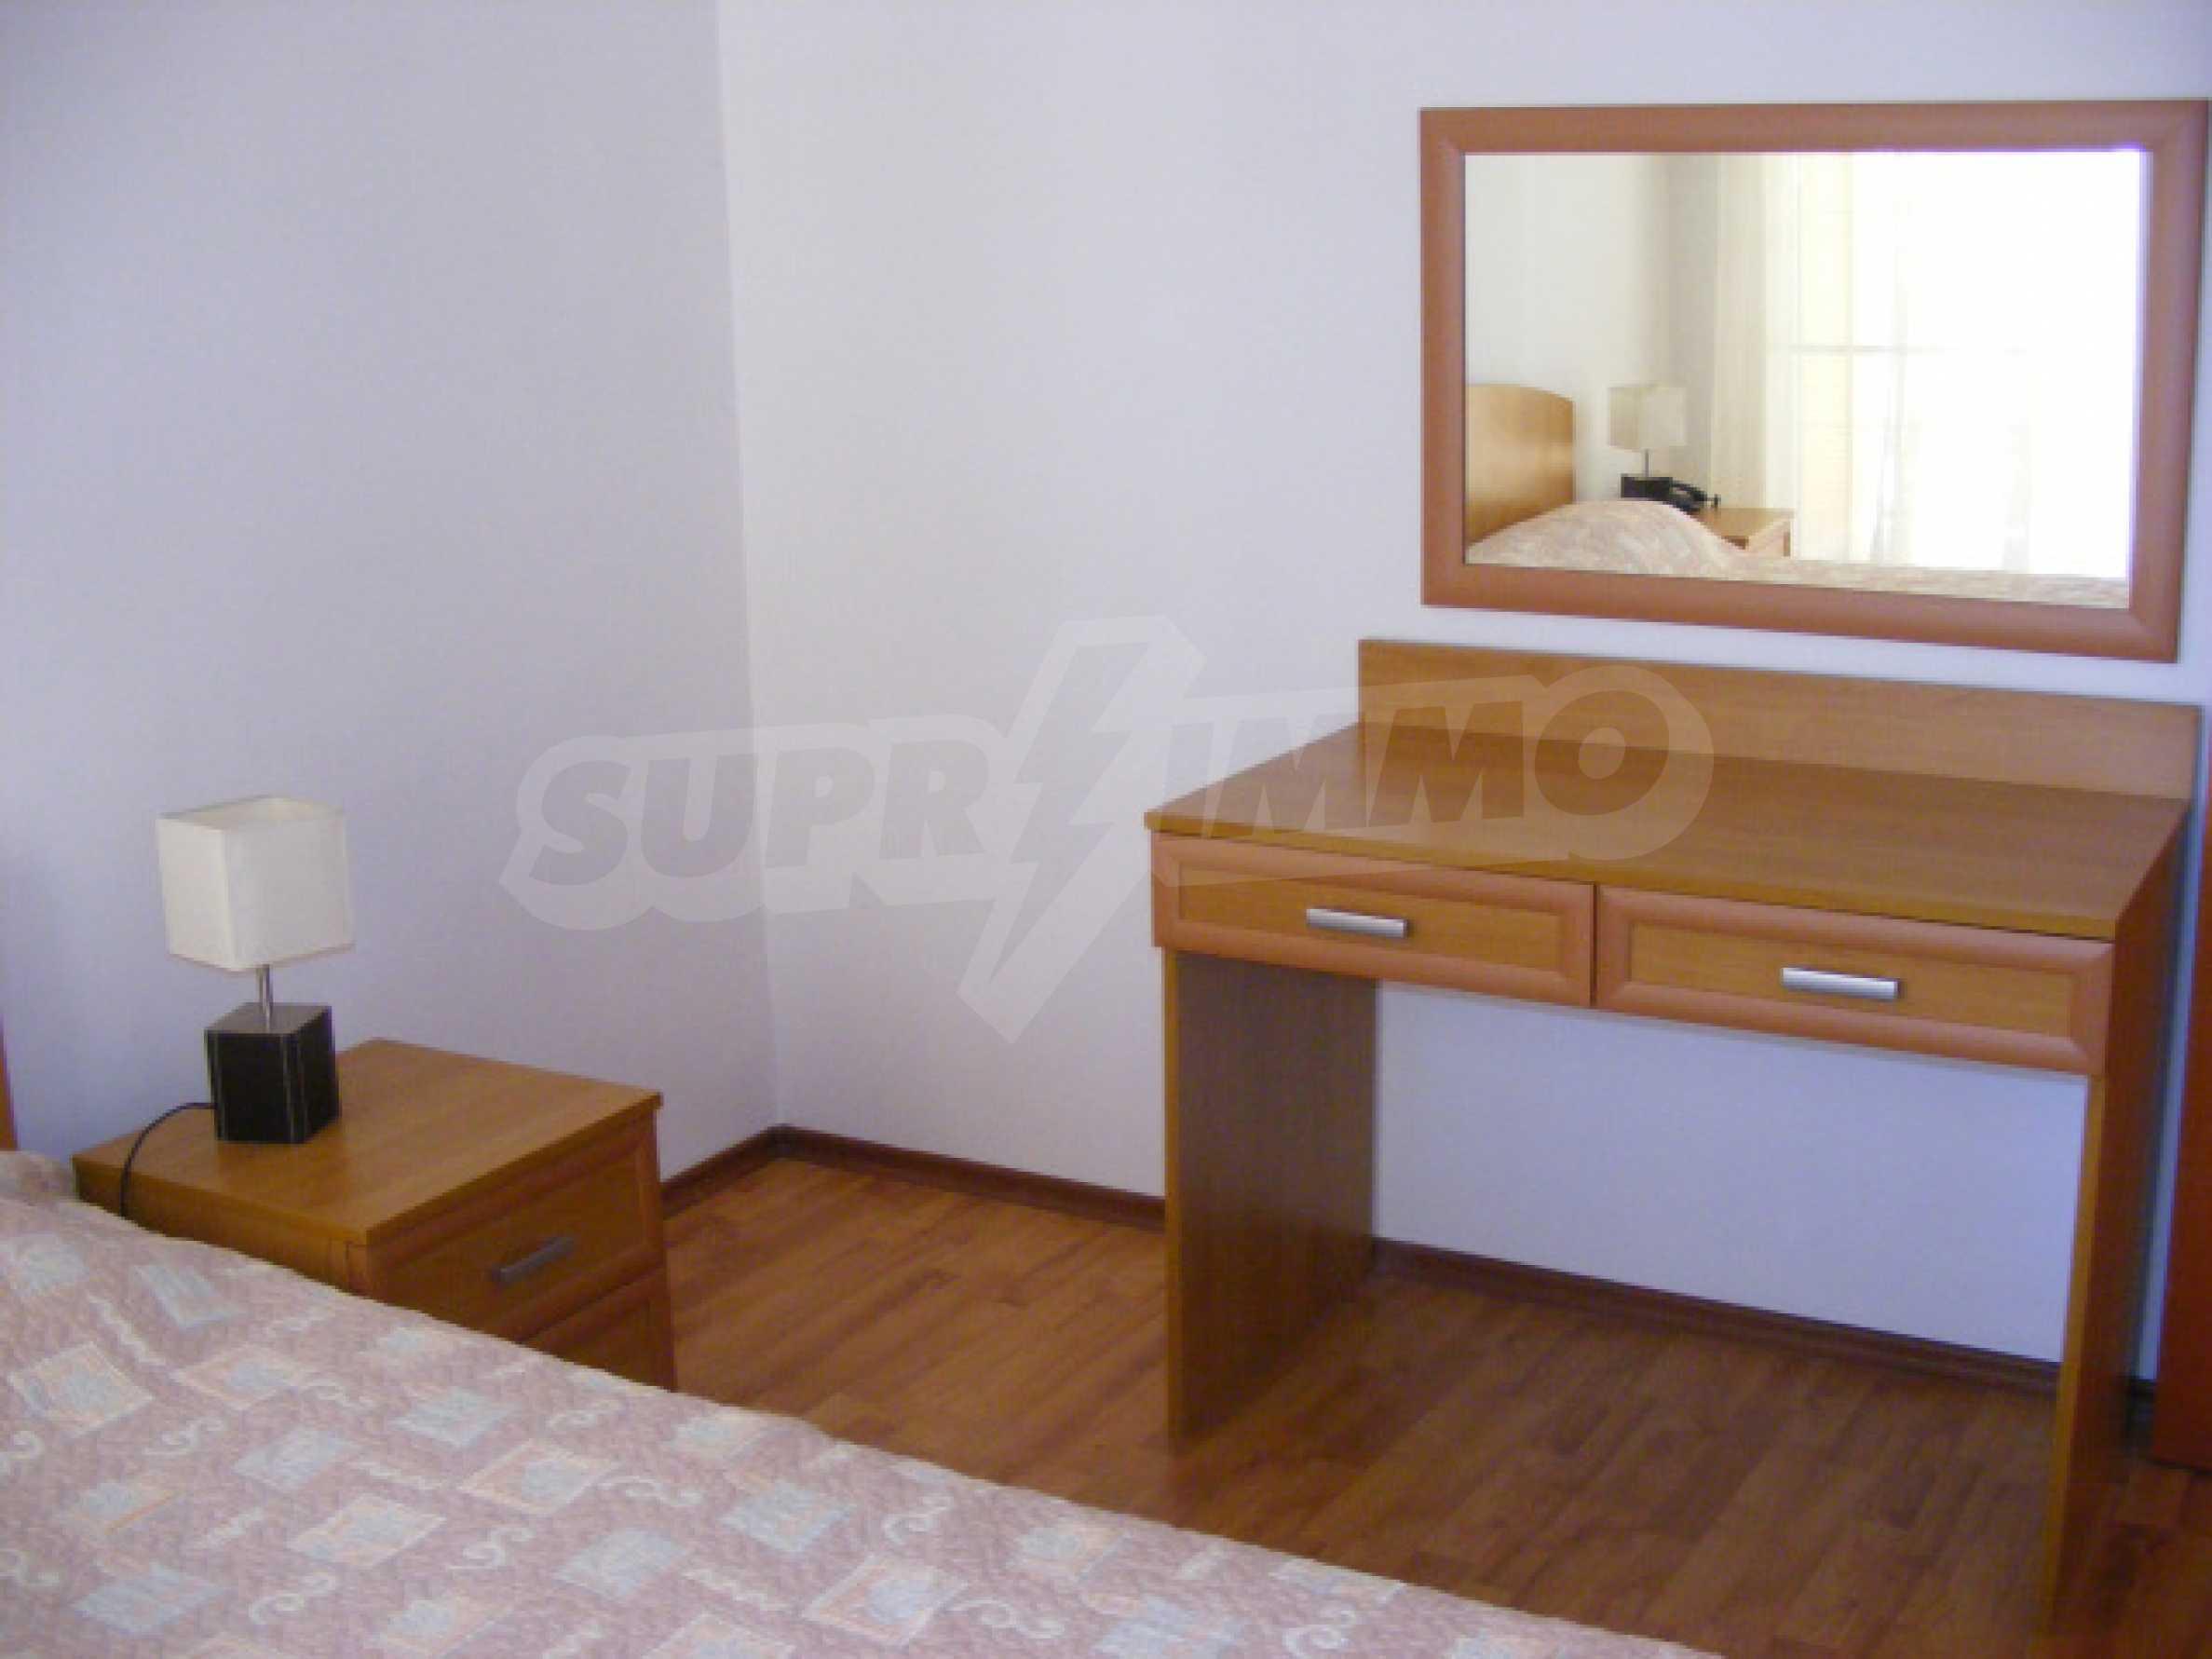 Komplett möbliertes Apartment mit 1 Schlafzimmer in Sunny Beach Goldener Sand, mit Meerblick 14